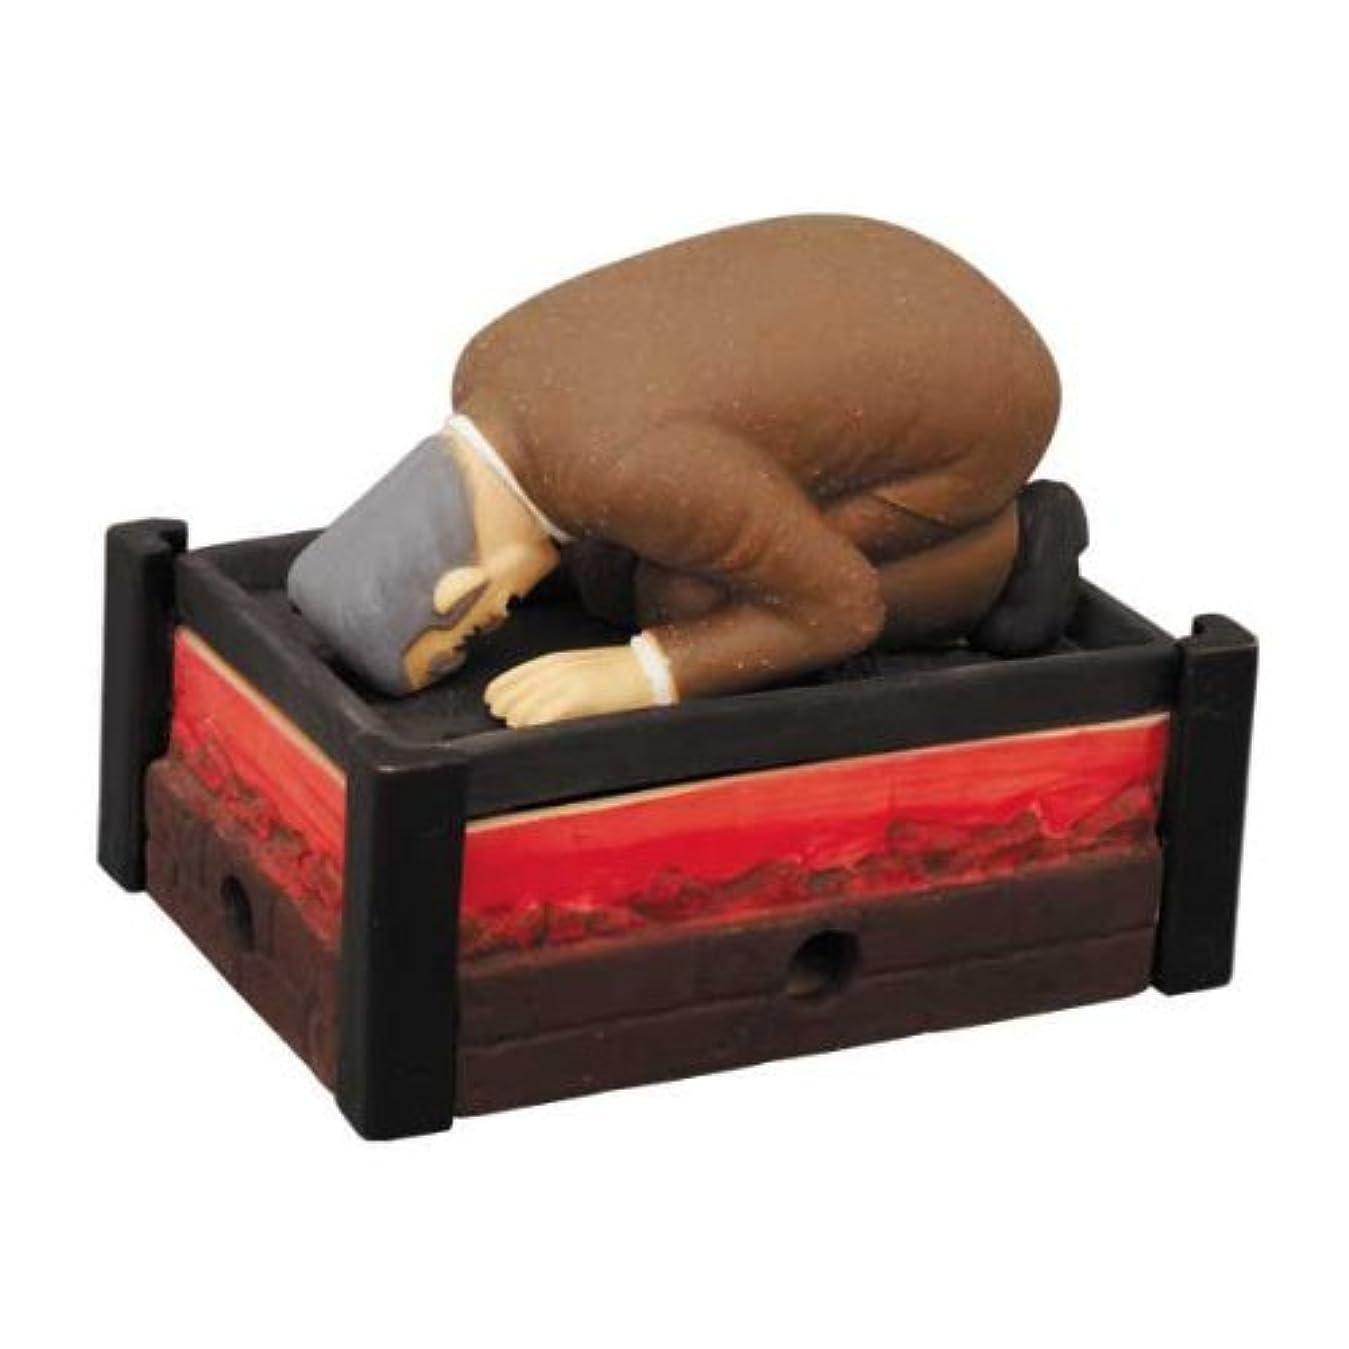 投資シロクマトレーニング線香立て 寝かせる線香皿 茶道用品 蘭 楠竹製 横置き 線香炉 仏壇 袈印堂